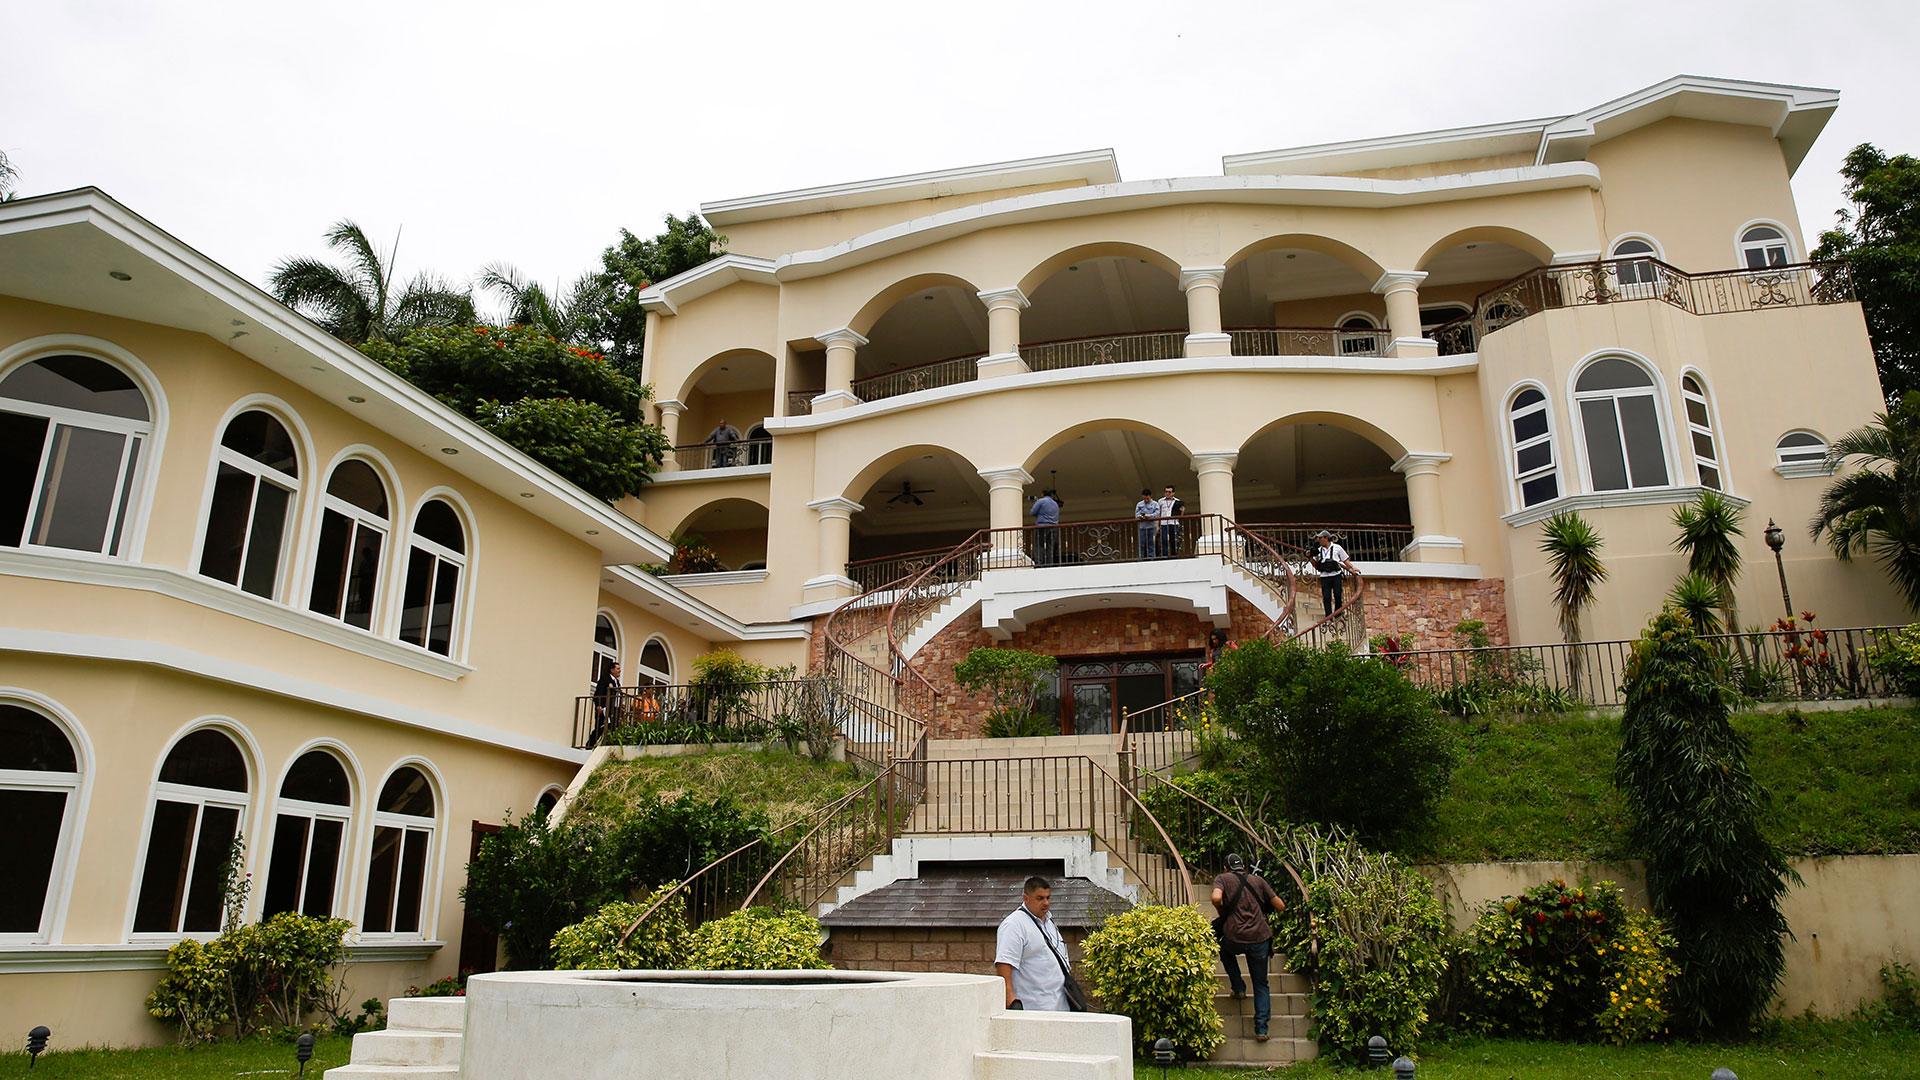 """La mansión que se construyó Saca en San Salvador, conocida como """"El palacio de la corrupción"""" (AFP)"""